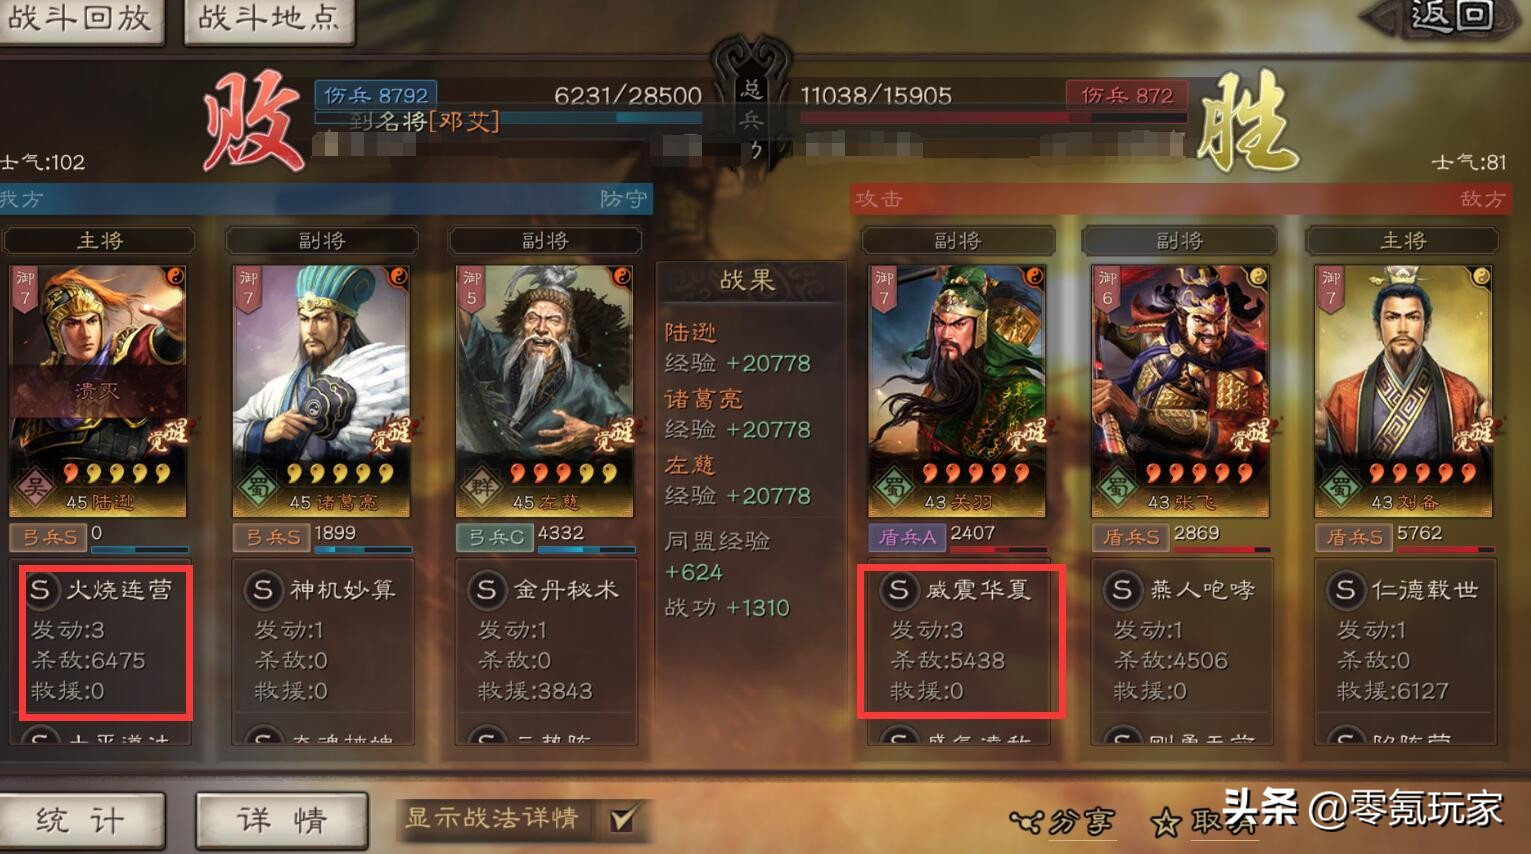 三国志战略版:关羽桃园盾吊打三势陆与吴国骑兵,关二爷又回来了